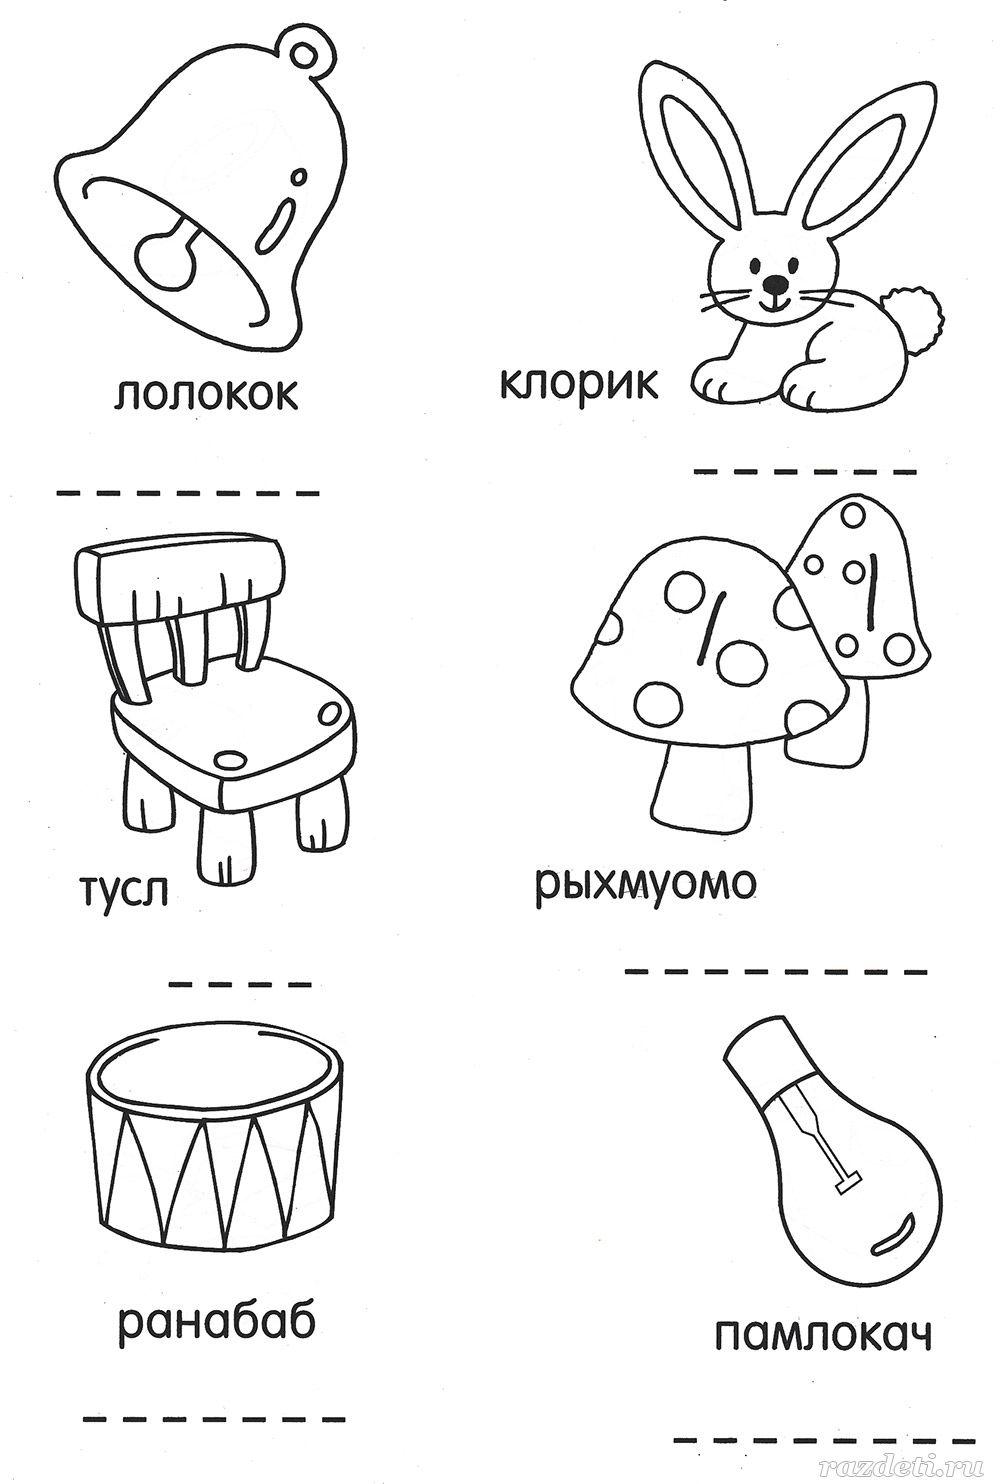 Задания по 1 классу по русскому языку в картинках